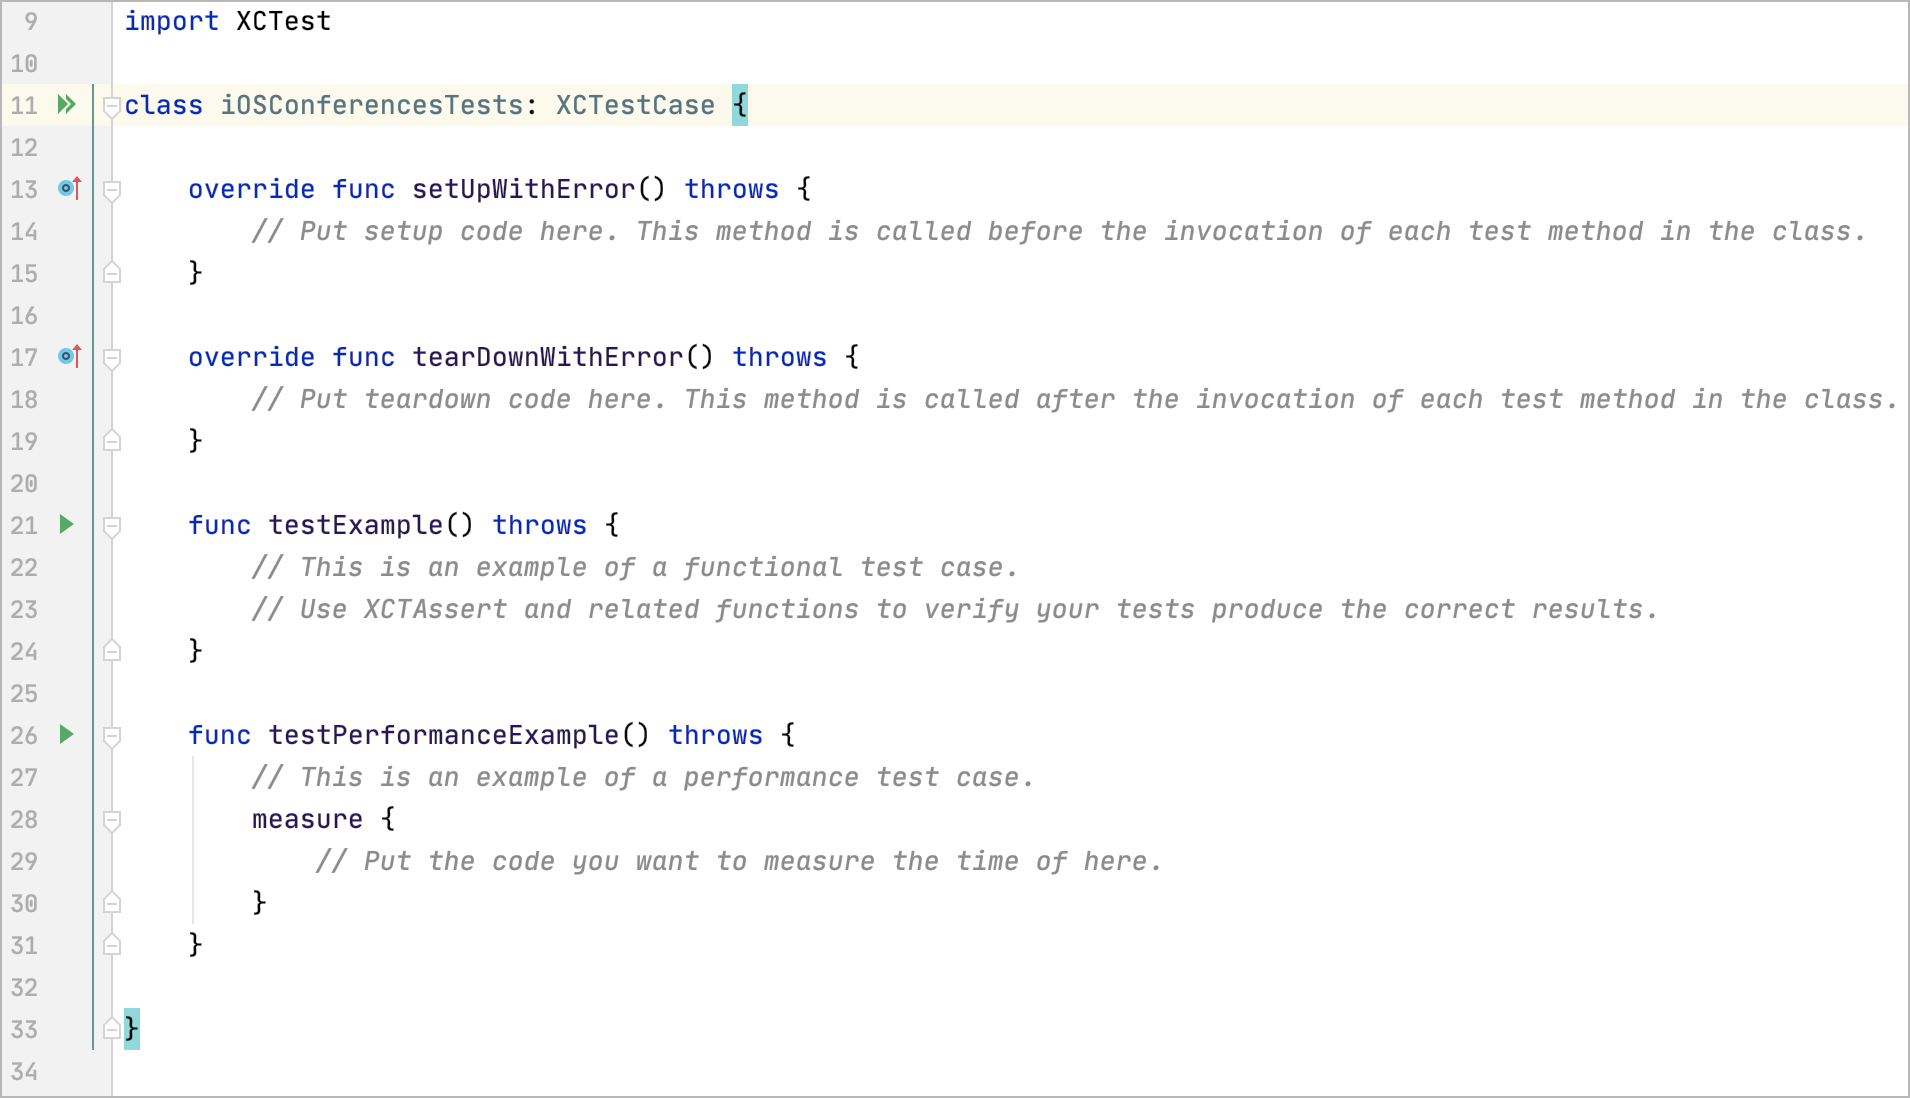 Stub code for an XCTest class